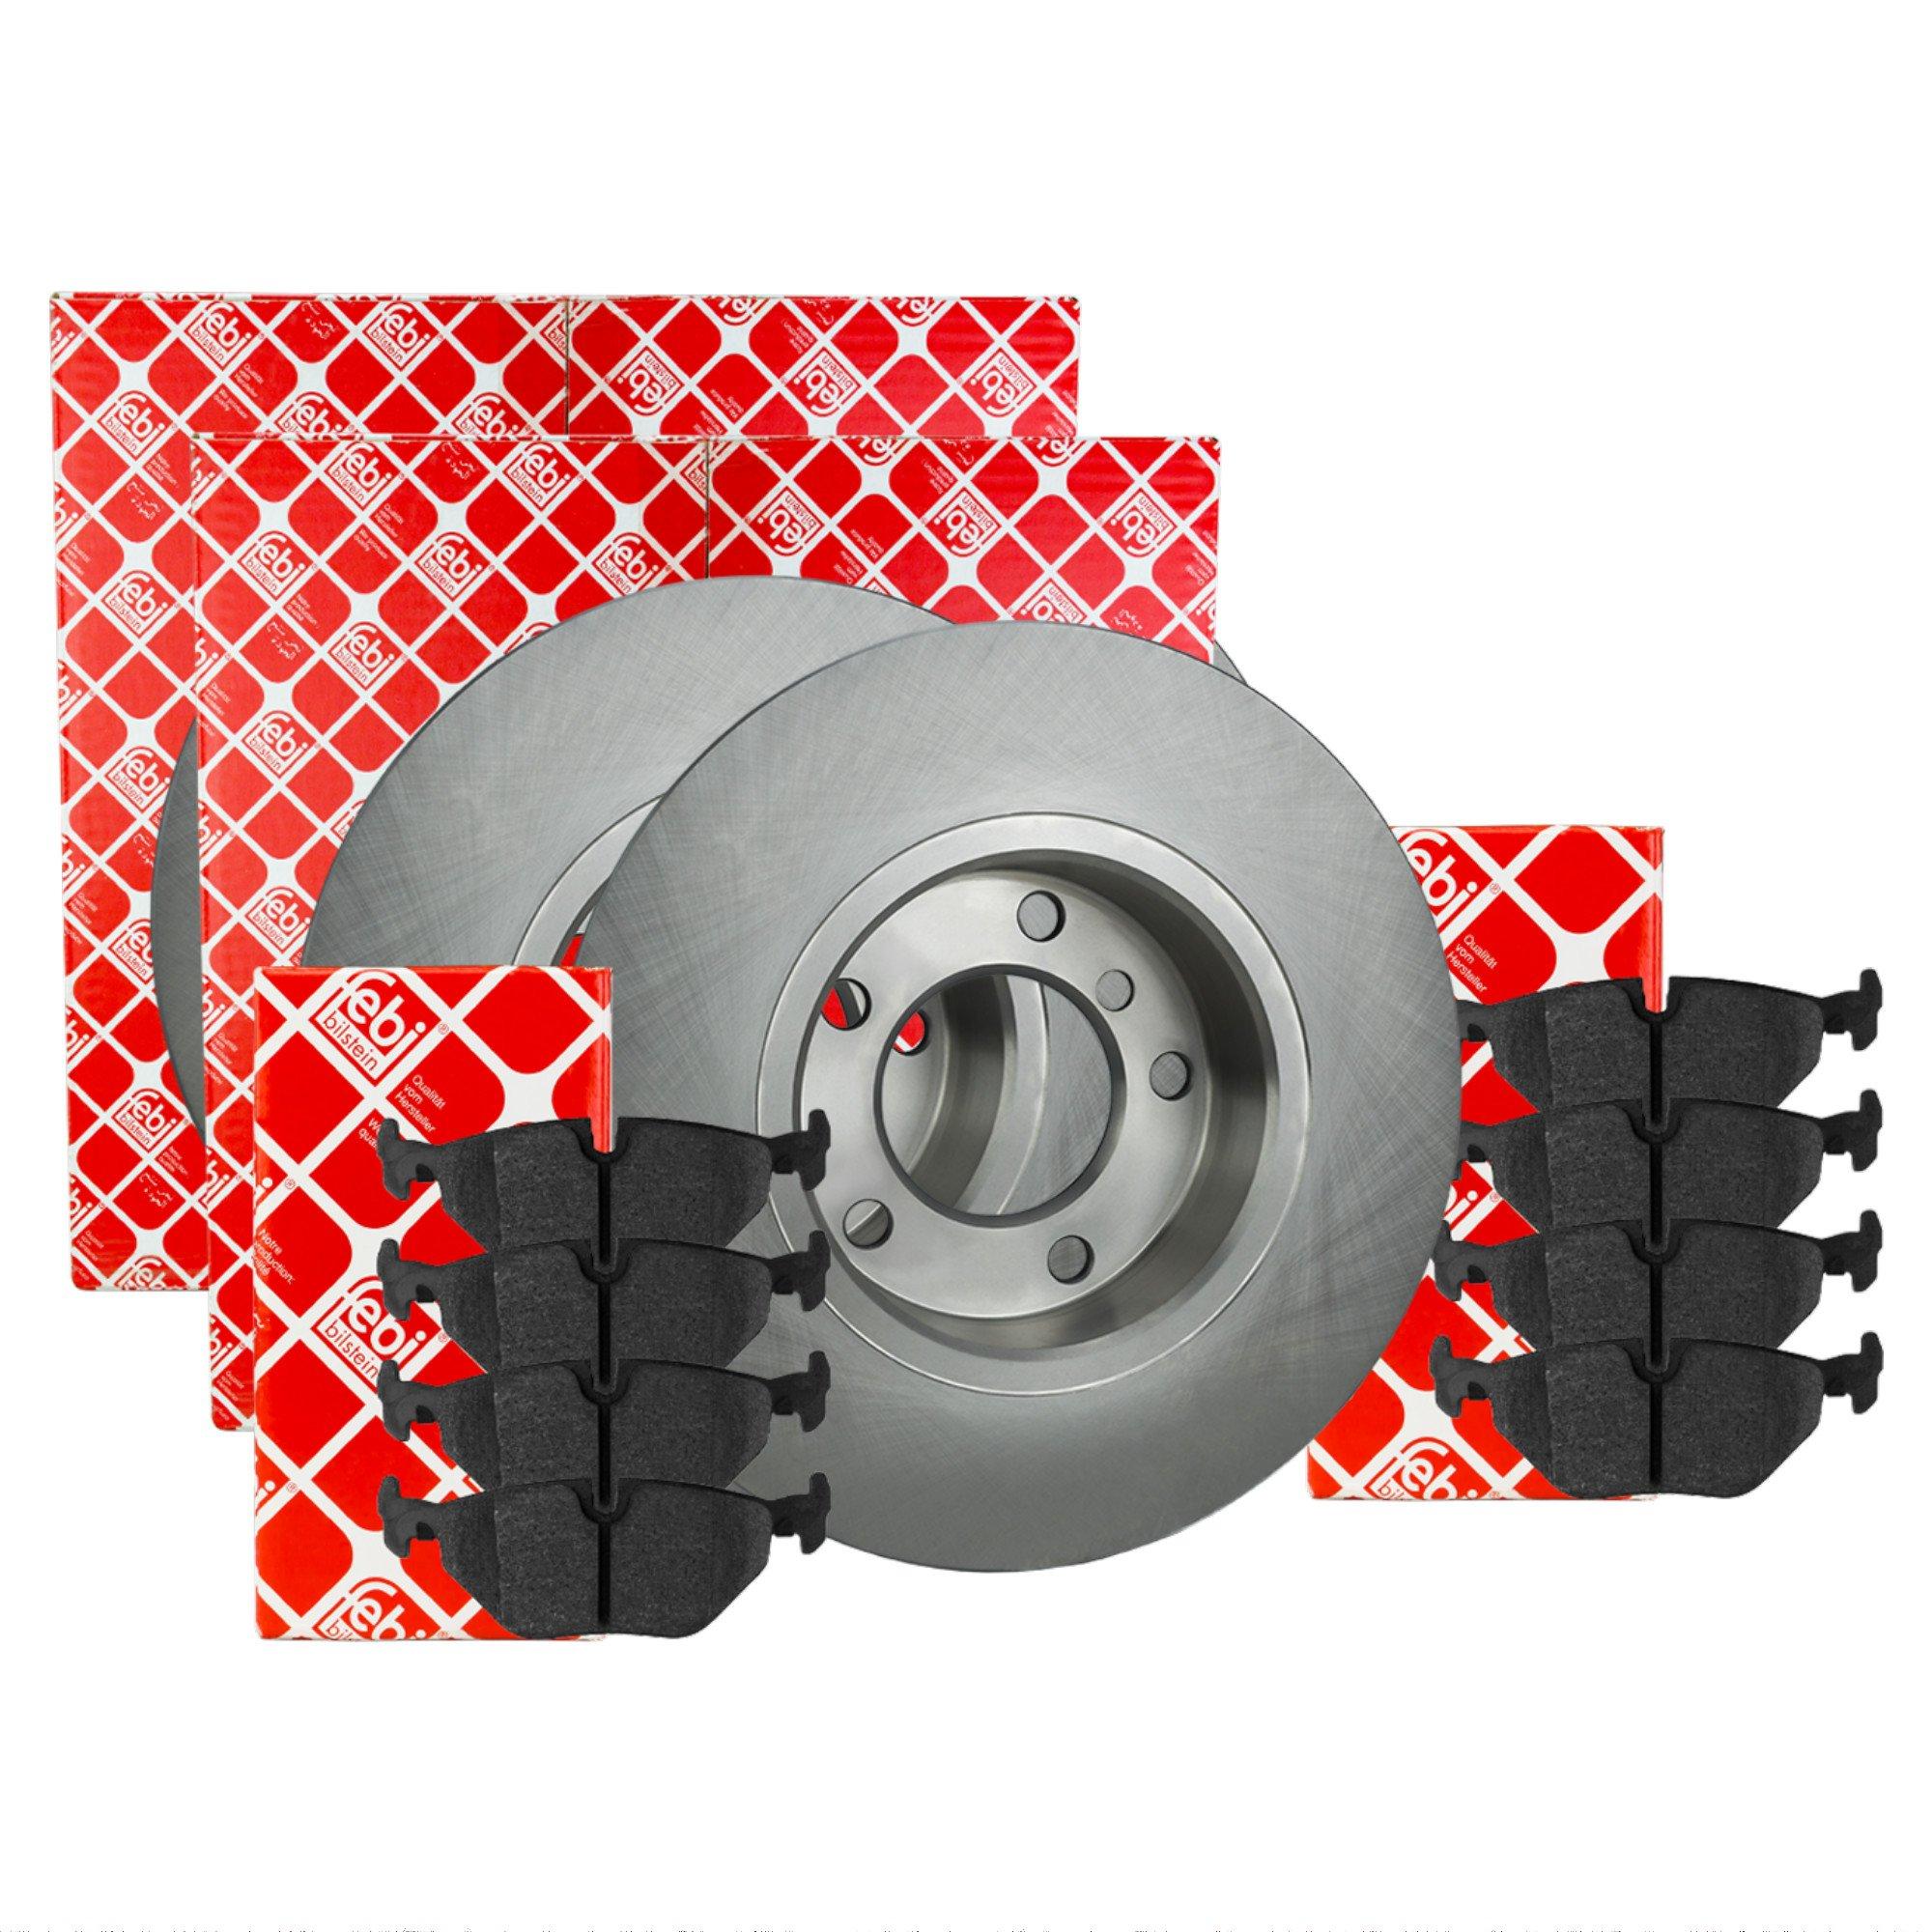 FEBI BILSTEIN Bremsscheiben Set Beläge AJJBV vorne für VW PASSAT 3B2 3B5 1.6